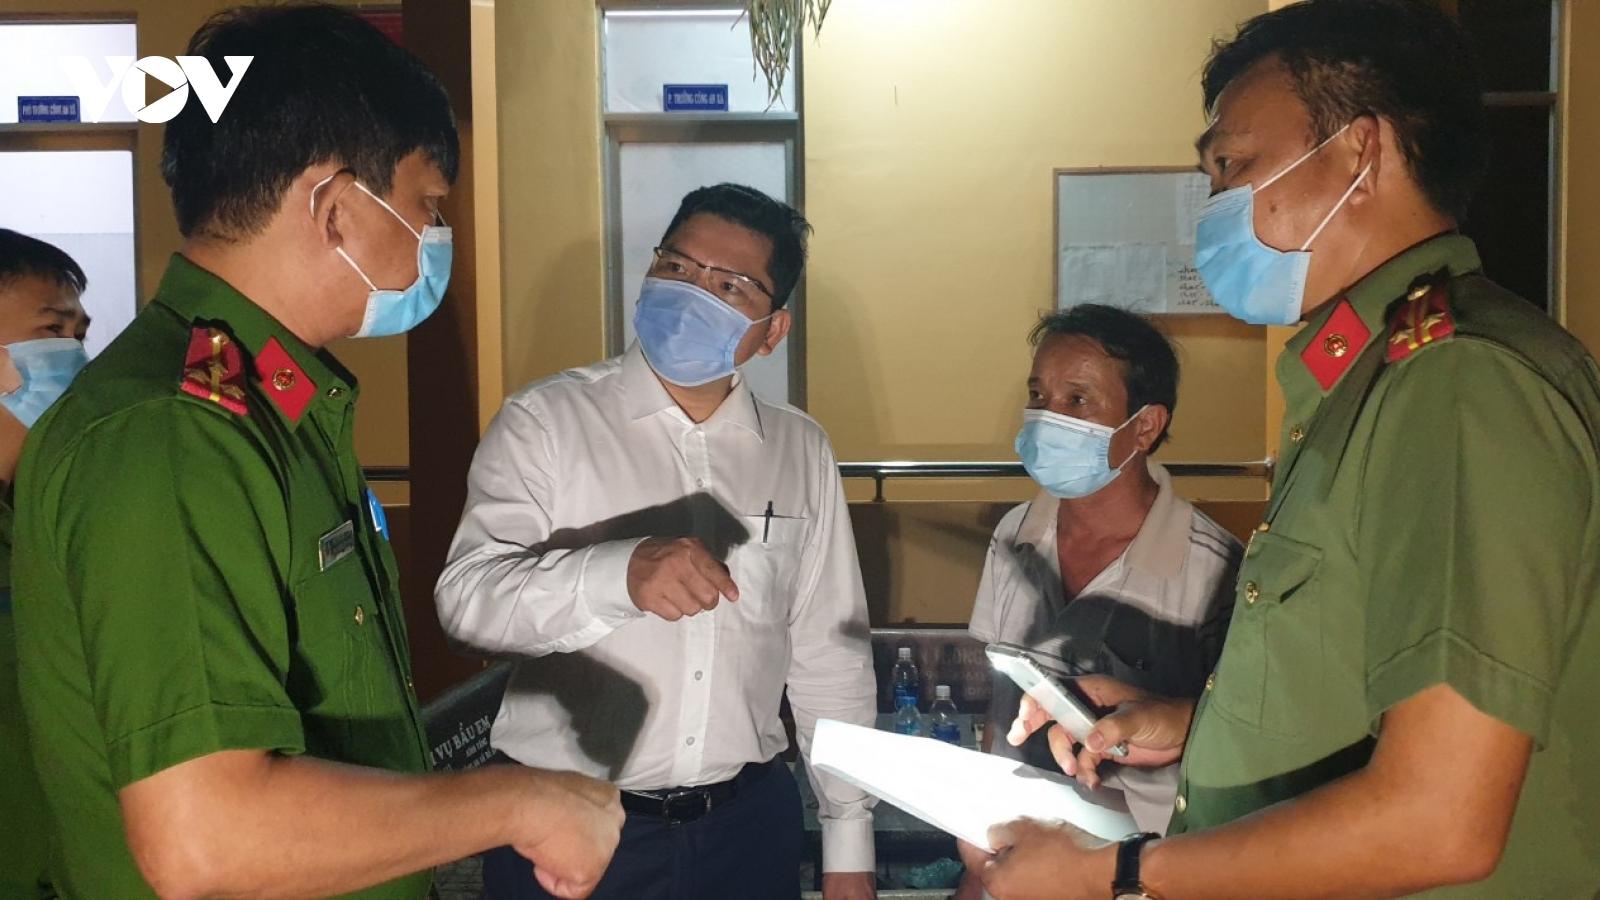 12 cán bộ, công nhân viên ở Bà Rịa Vũng Tàu âm tính lần 1 với SARS-CoV-2